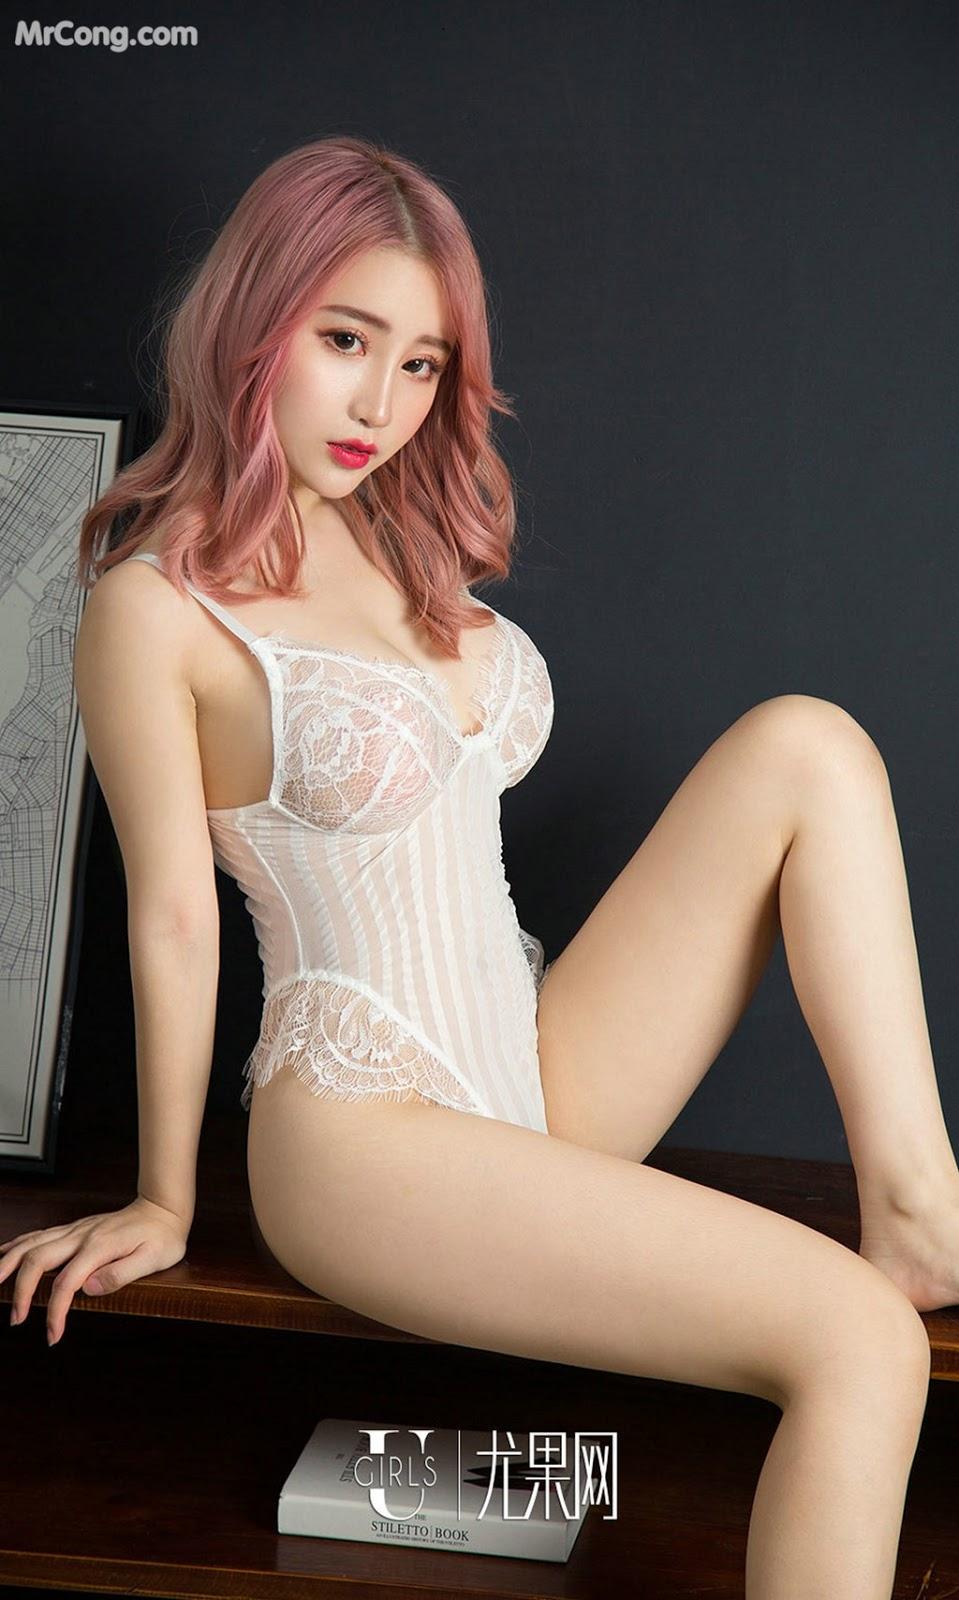 Đã mắt ngắm nhìn thân hình cực bốc lửa của nàng mẫu Cherry với nhan sắc xinh đẹp - Hình 4